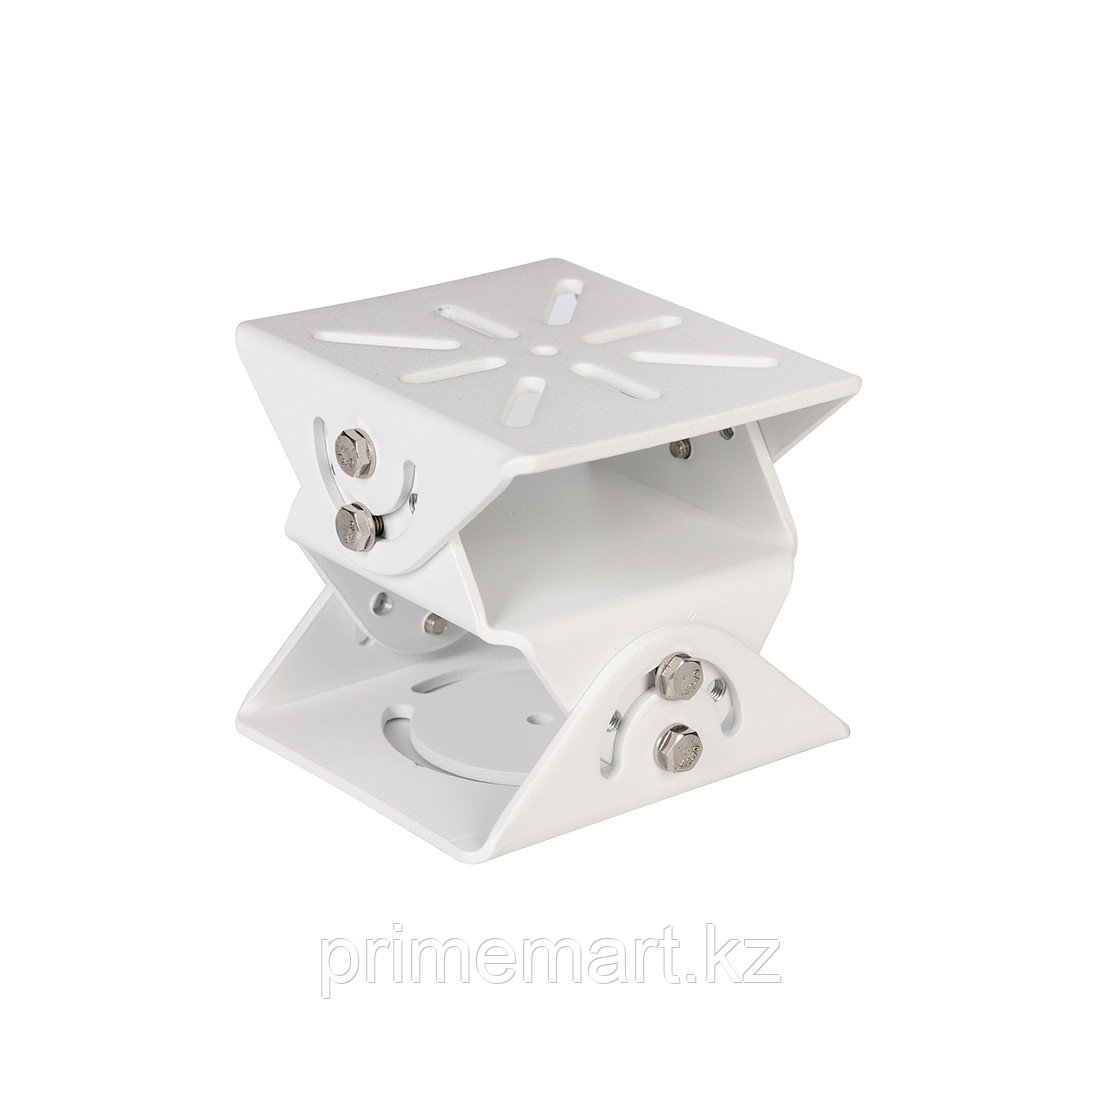 Кронштейн для видеокамеры Dahua DH-PFA162